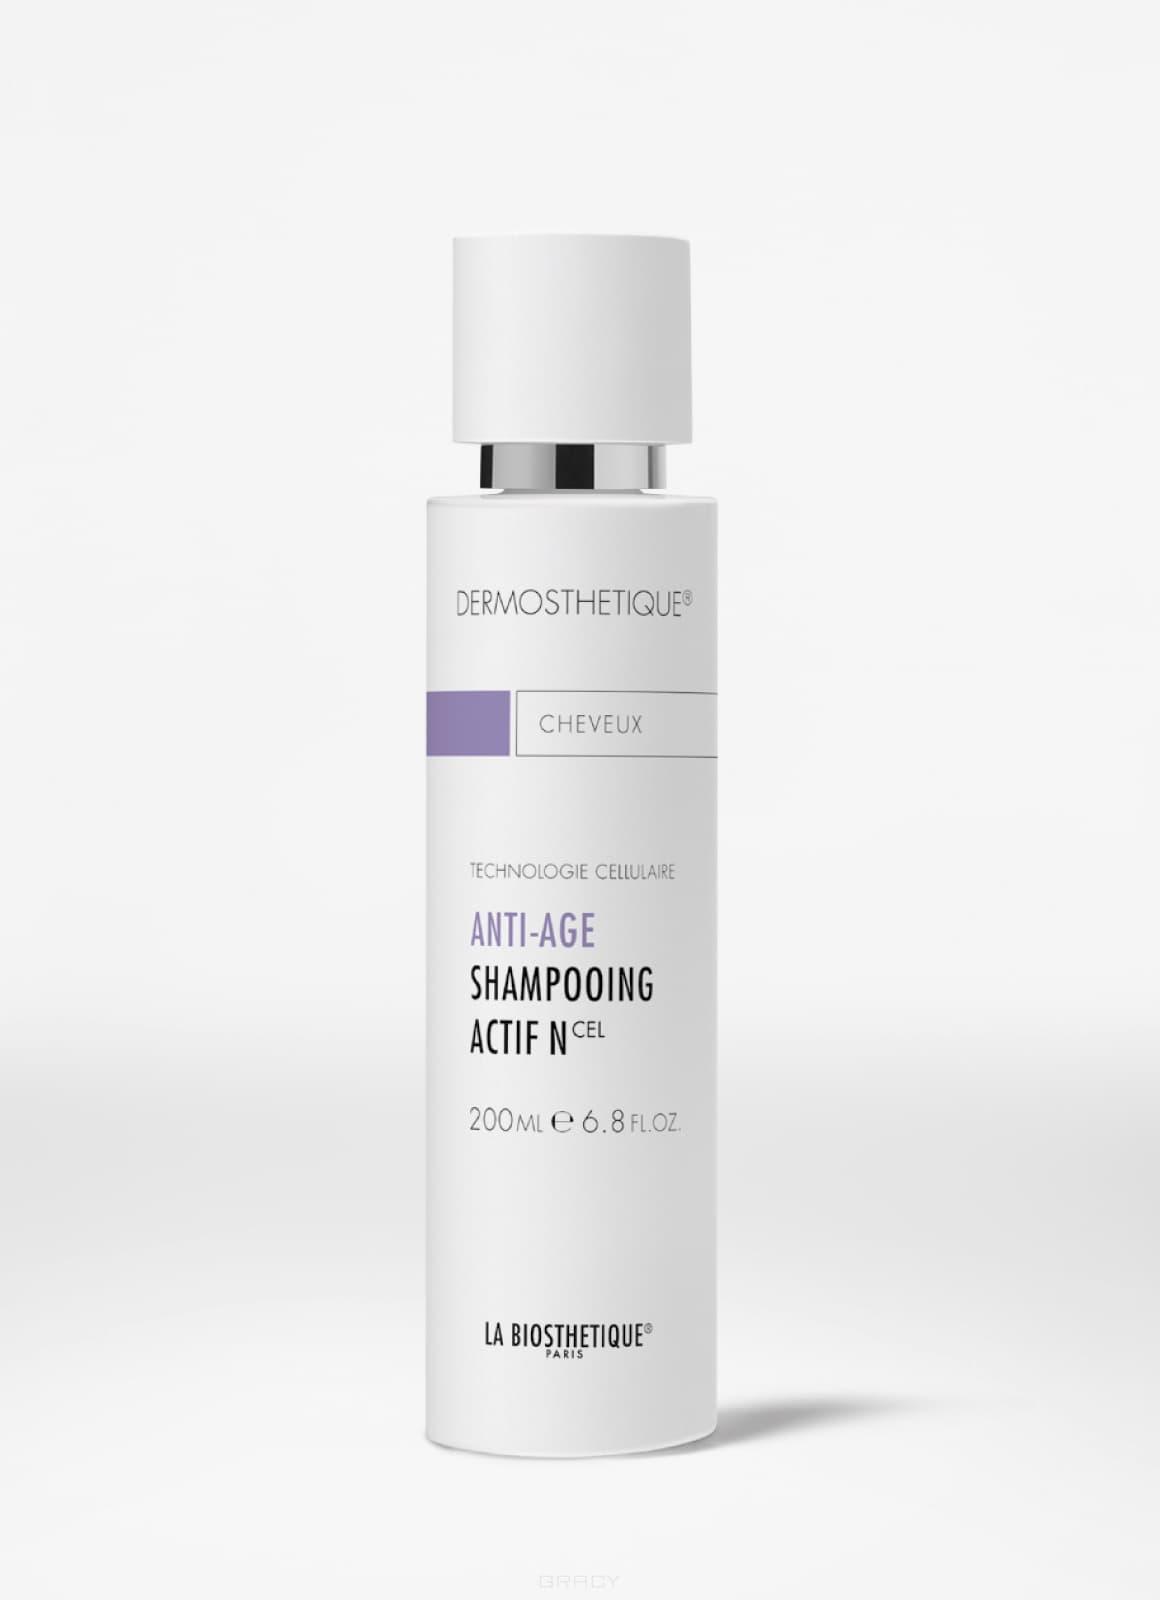 La Biosthetique - Шампунь клеточно-активный для нормальных волос Dermosthetique Anti-Age Shampooing Actif N, 200 мл